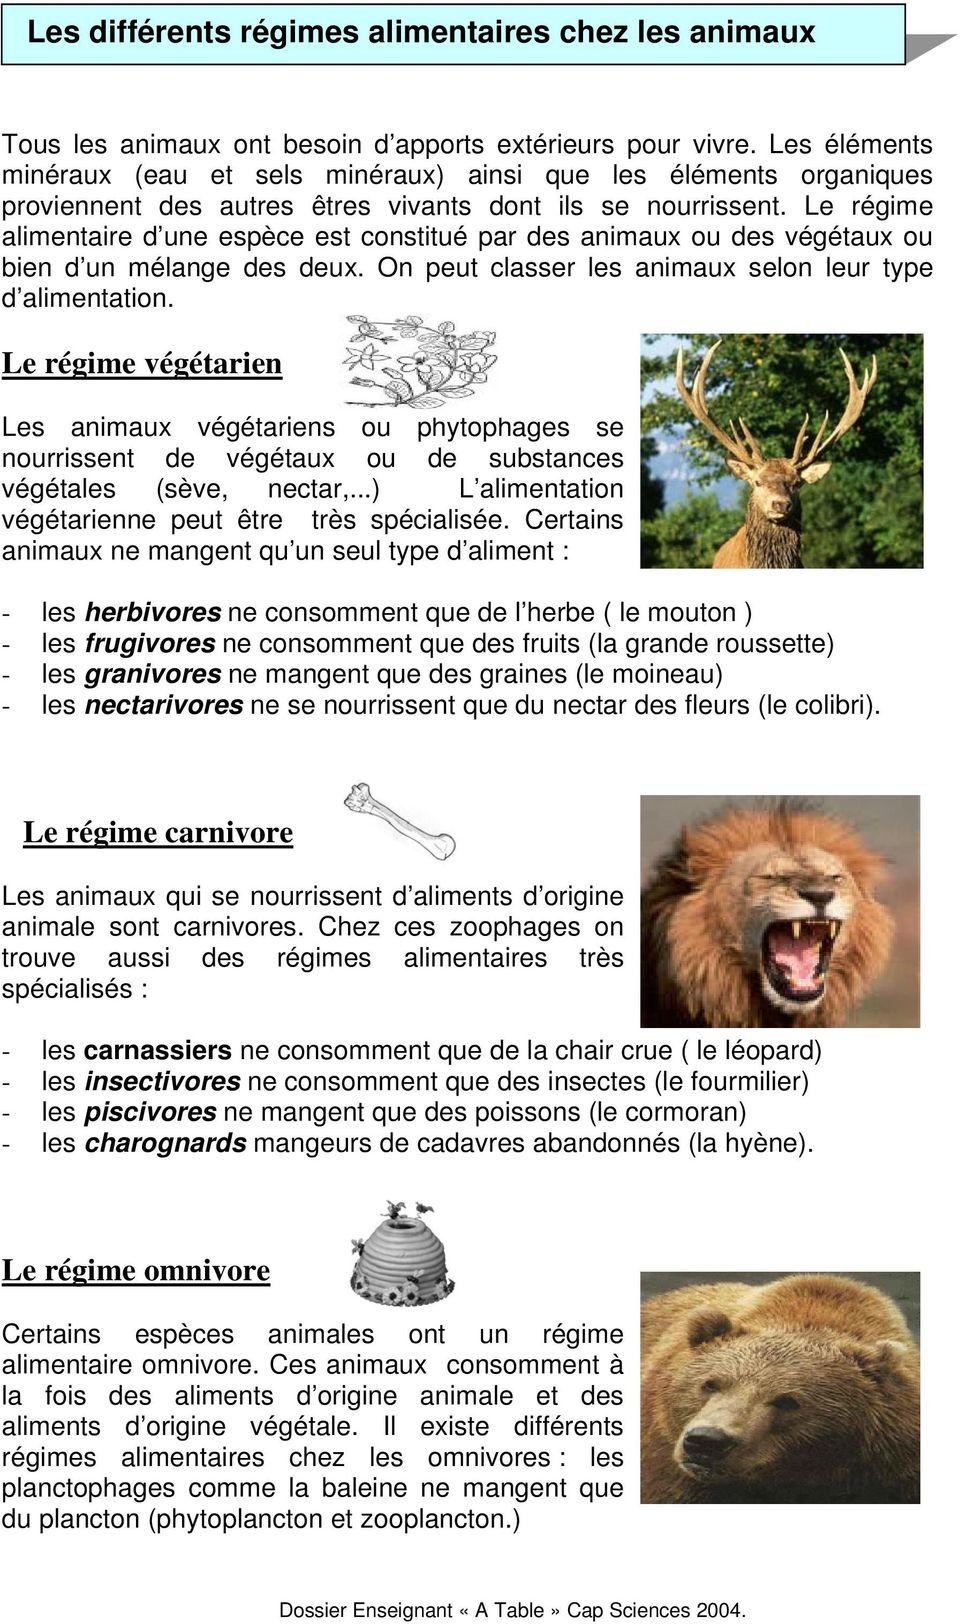 Les Régimes Alimentaires Des Animaux : régimes, alimentaires, animaux, Régimes, Alimentaires, Animaux., Téléchargement, Gratuit